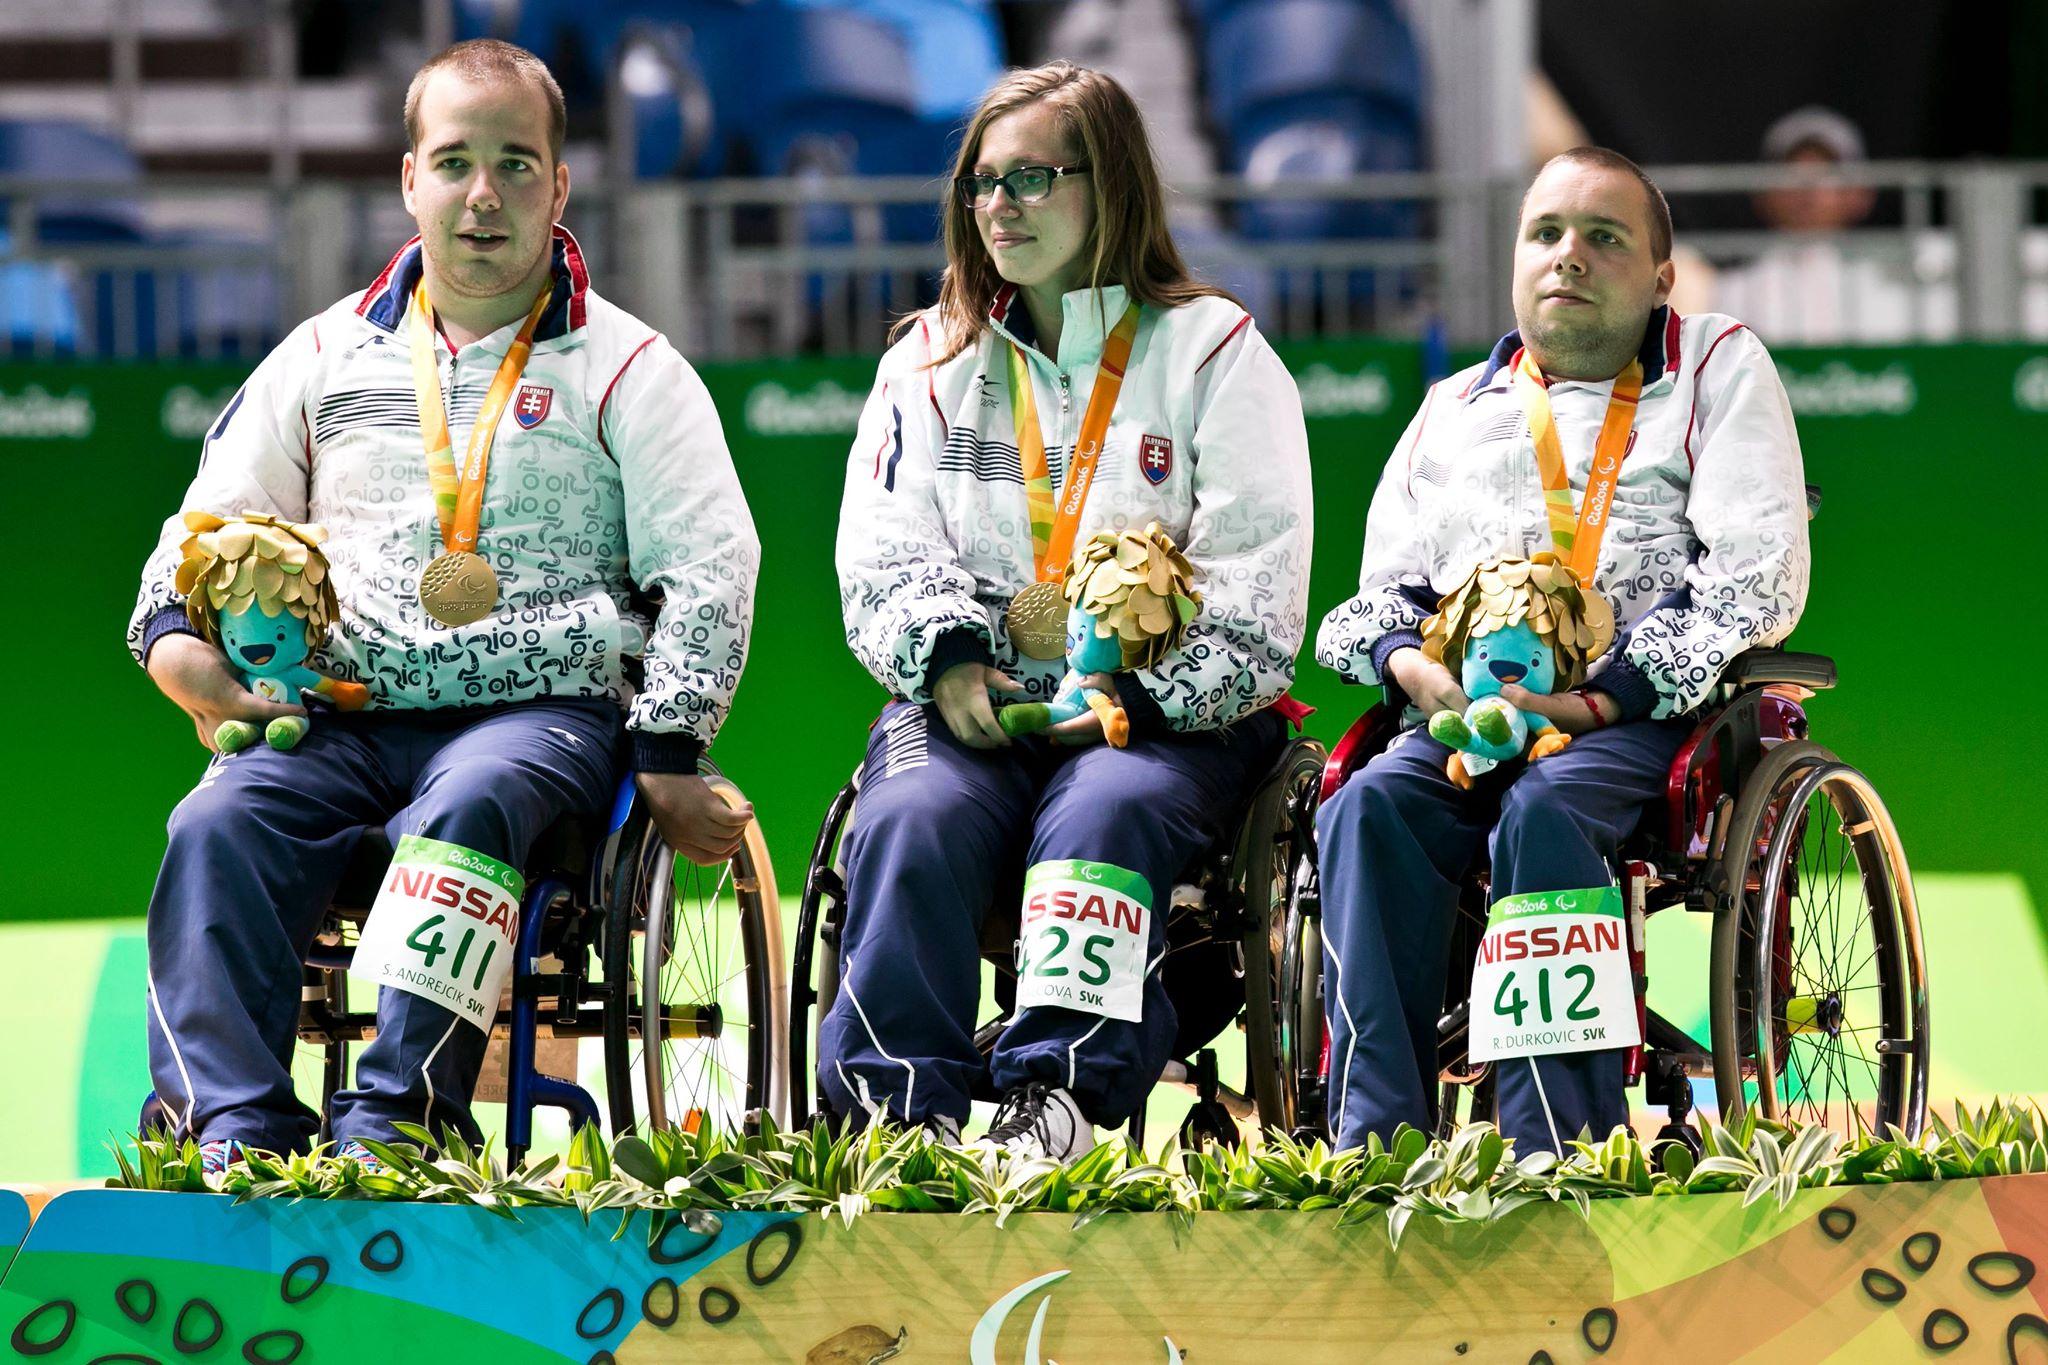 Samuel Andrejčík (první zleva) po předání zlaté medaile na paralympiádě v Riu de Janeiru. Foto: facebookový profil Samuela Andrejčíka